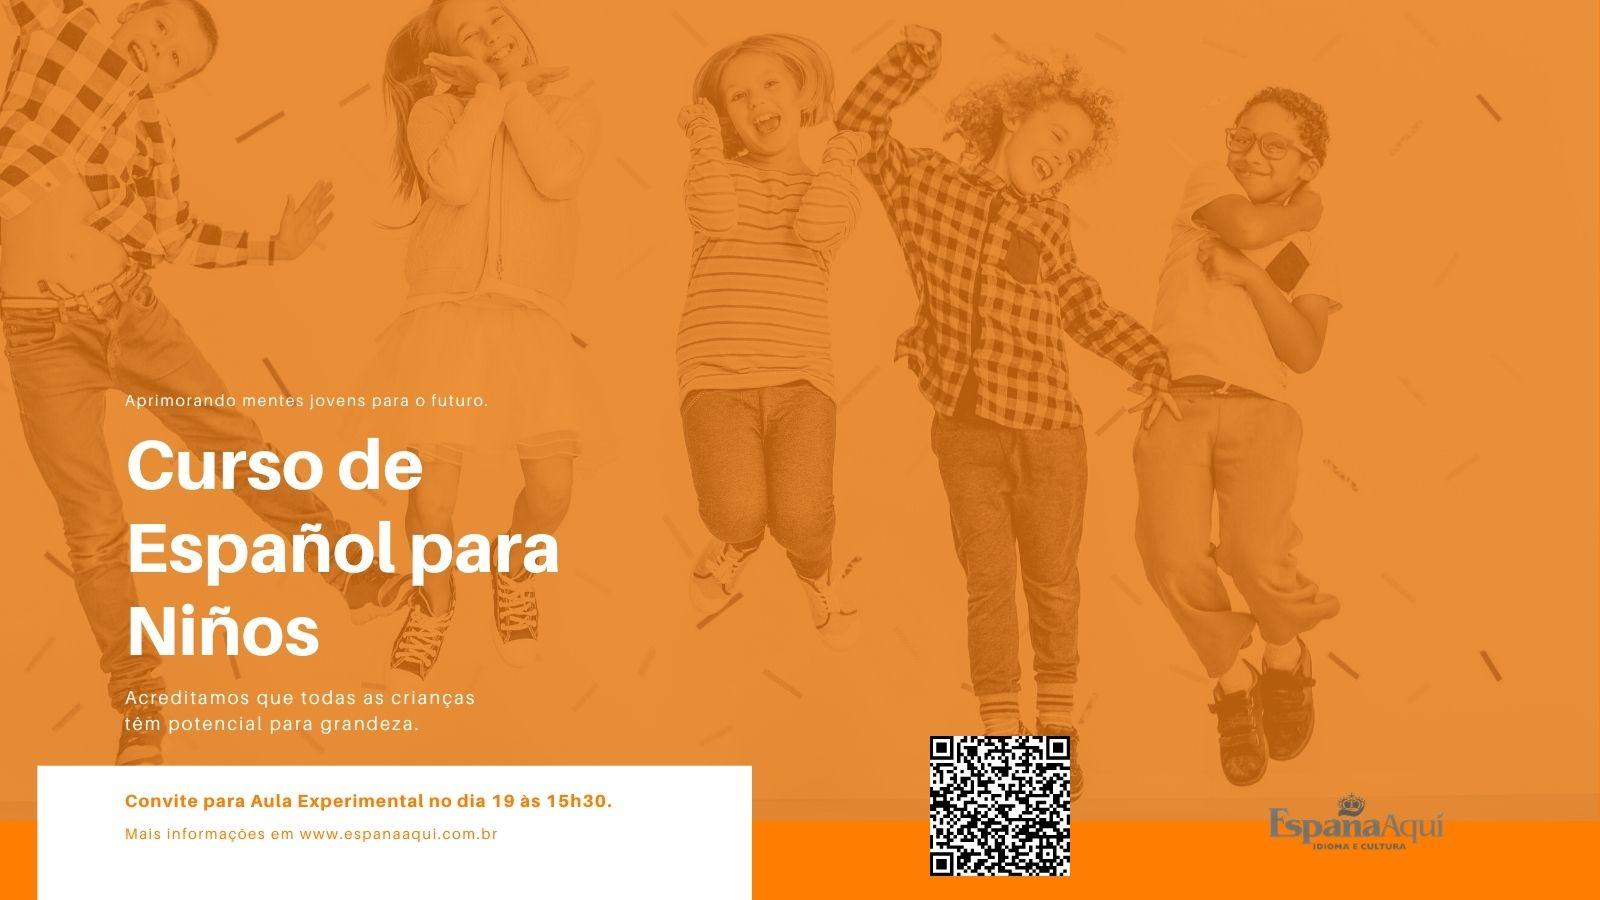 http://www.espanaaqui.com.br/pdf/mar%c3%a7o2021/C%c3%b3pia%20de%20Curso%20de%20Espa%c3%b1ol%20para%20Ni%c3%b1os.jpg